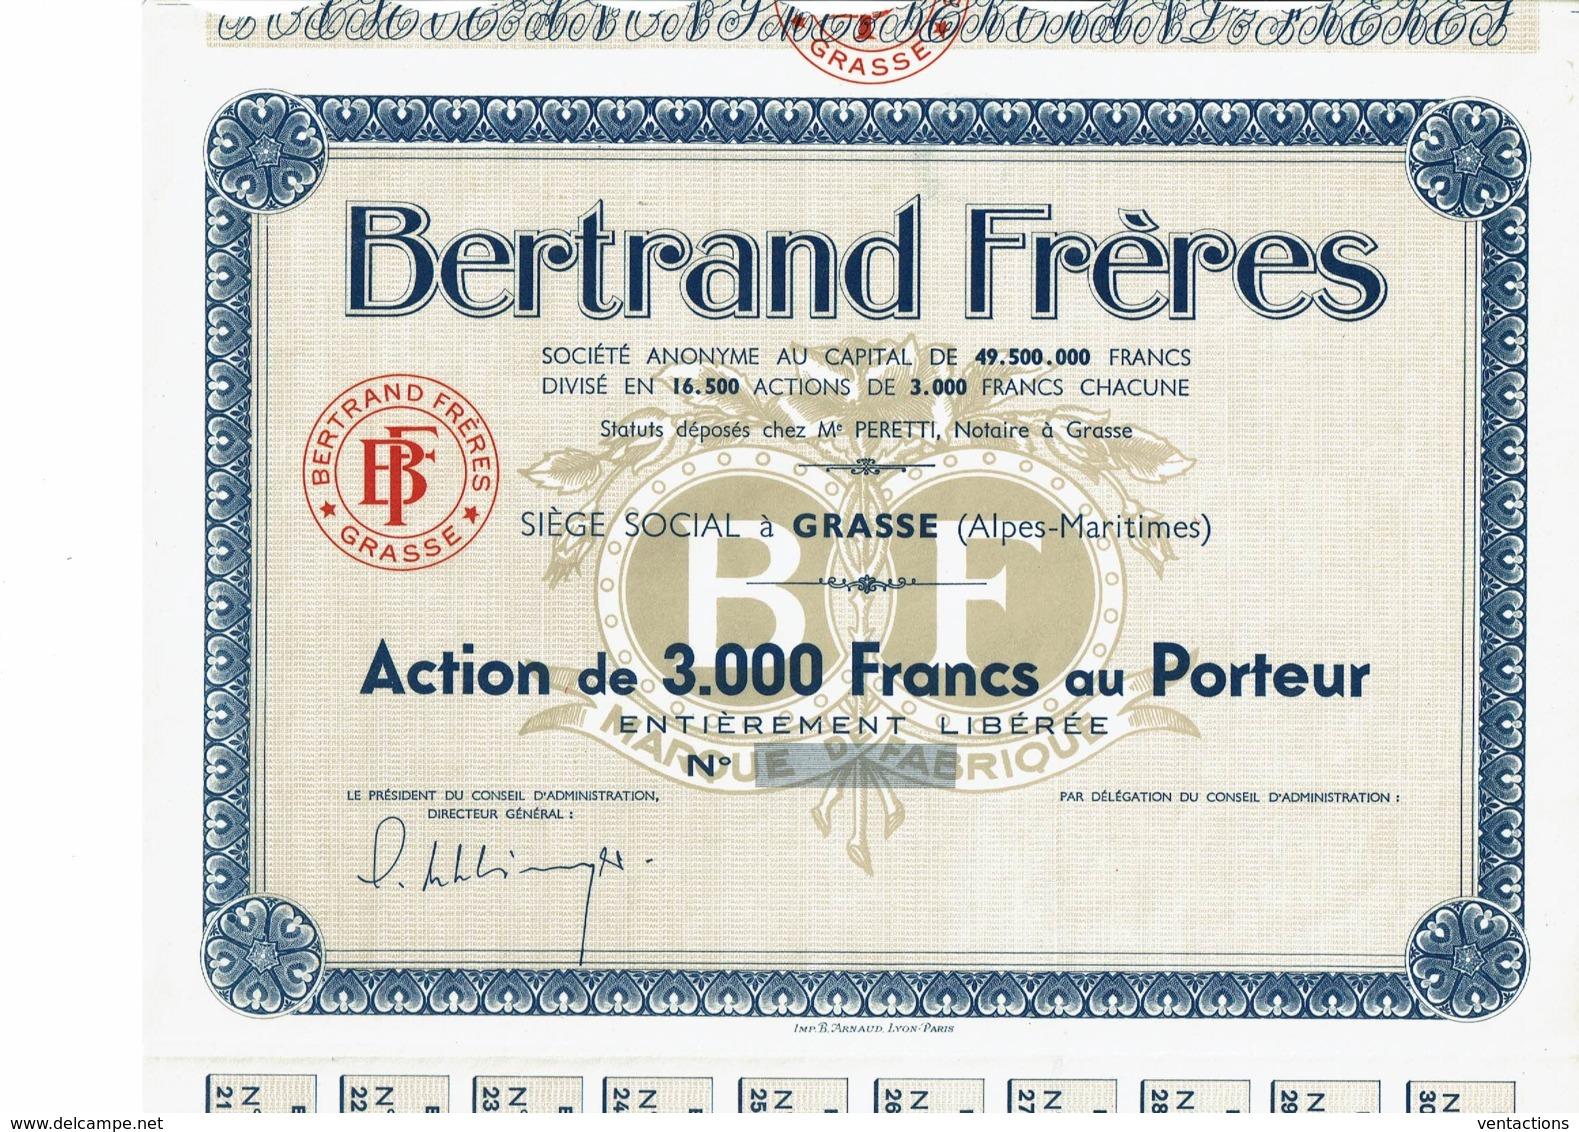 06-BERTRAND FRERES. PARFUMS. GRASSE. Capital De 49,5 MF - Altri